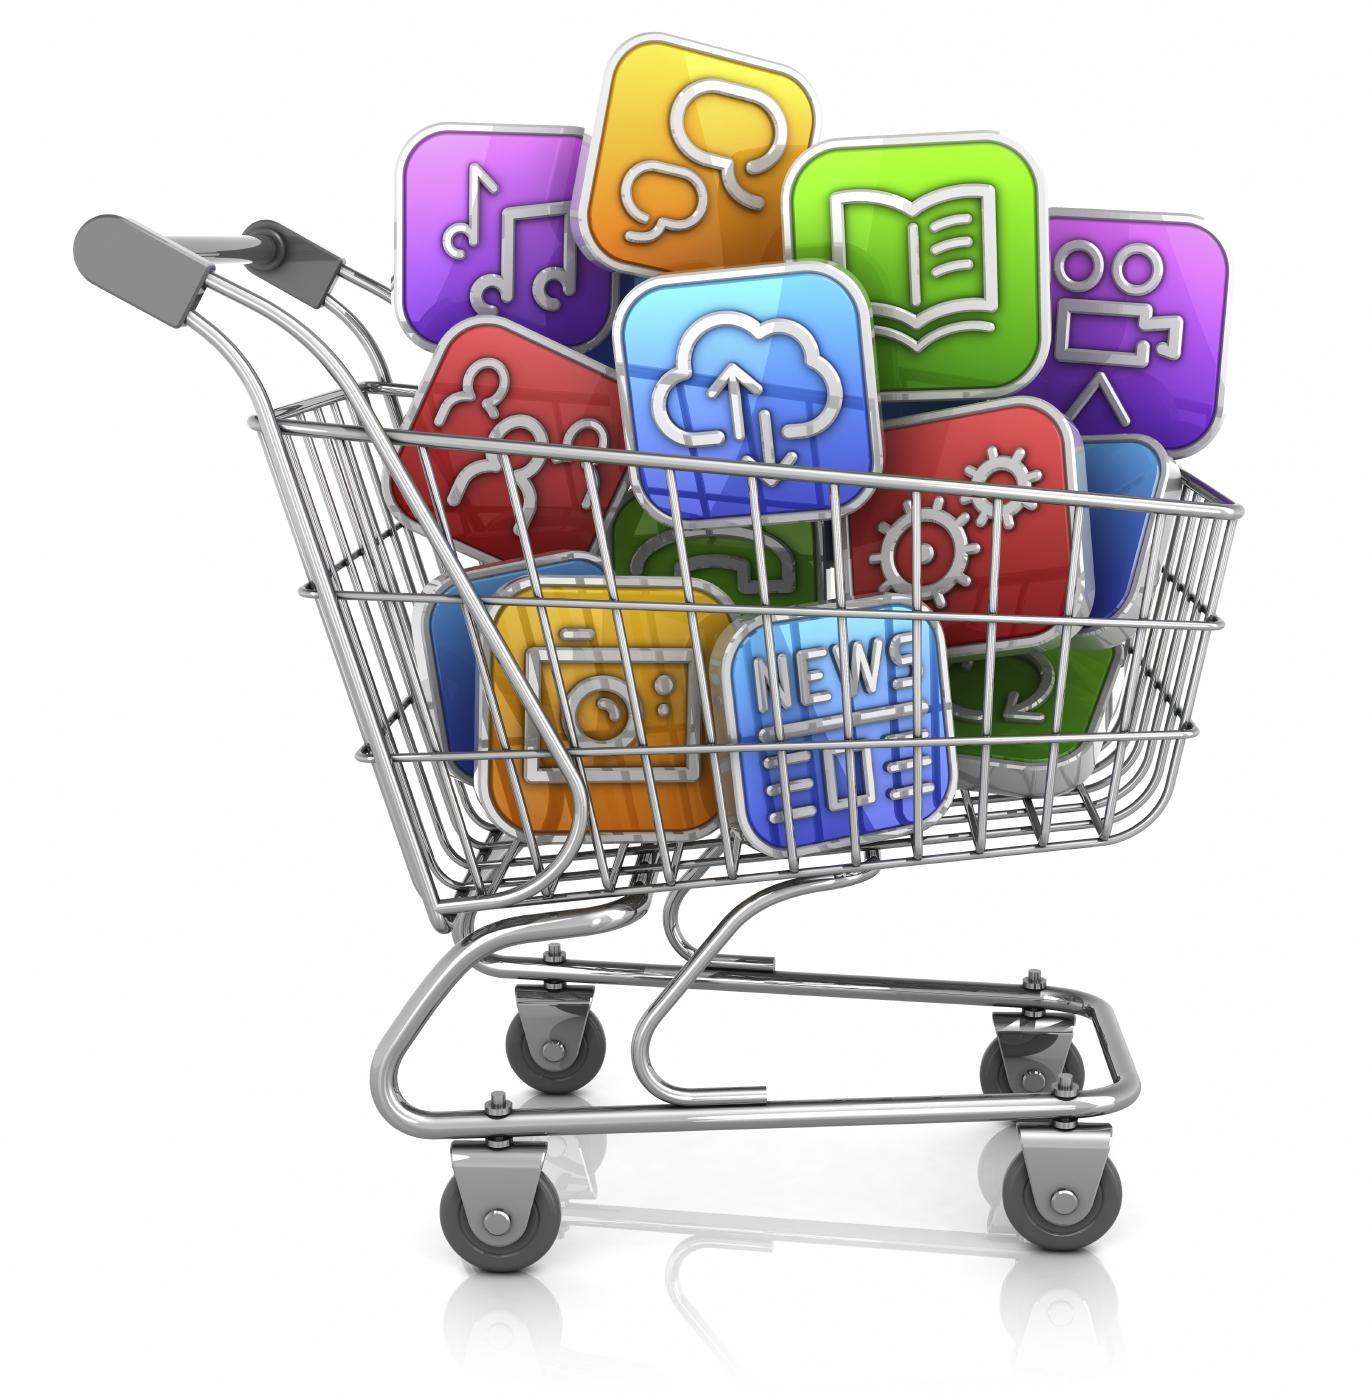 Перевод: Как использовать видео о товаре, чтобы активизировать продажи в рамках электронной торговли